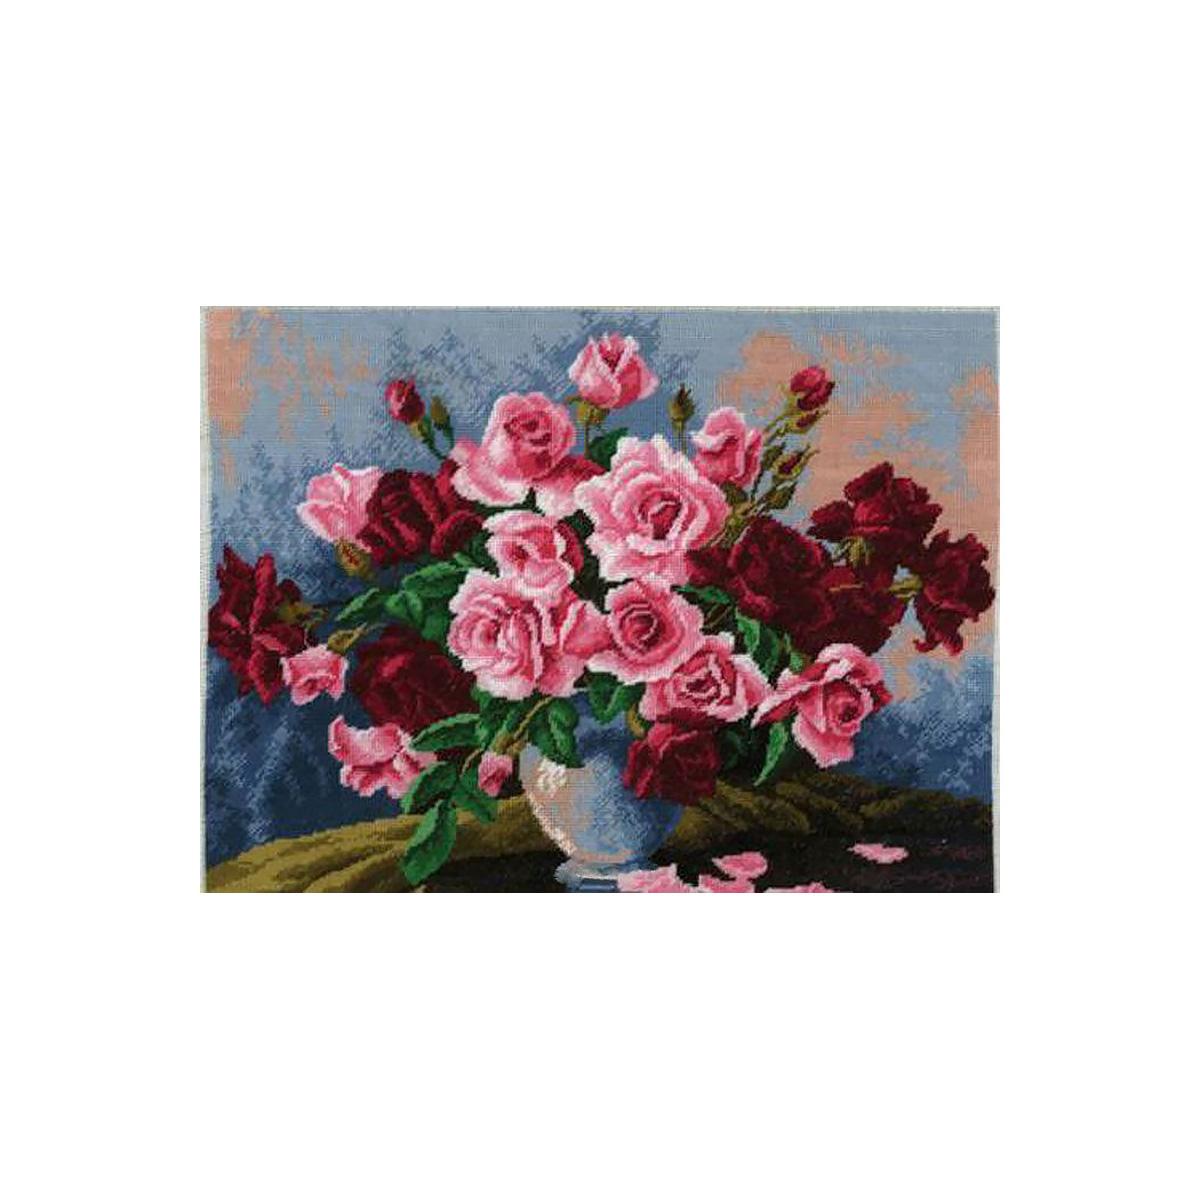 620 Набор для вышивания Hobby&Pro 'Бархатные розы', 35*27 см